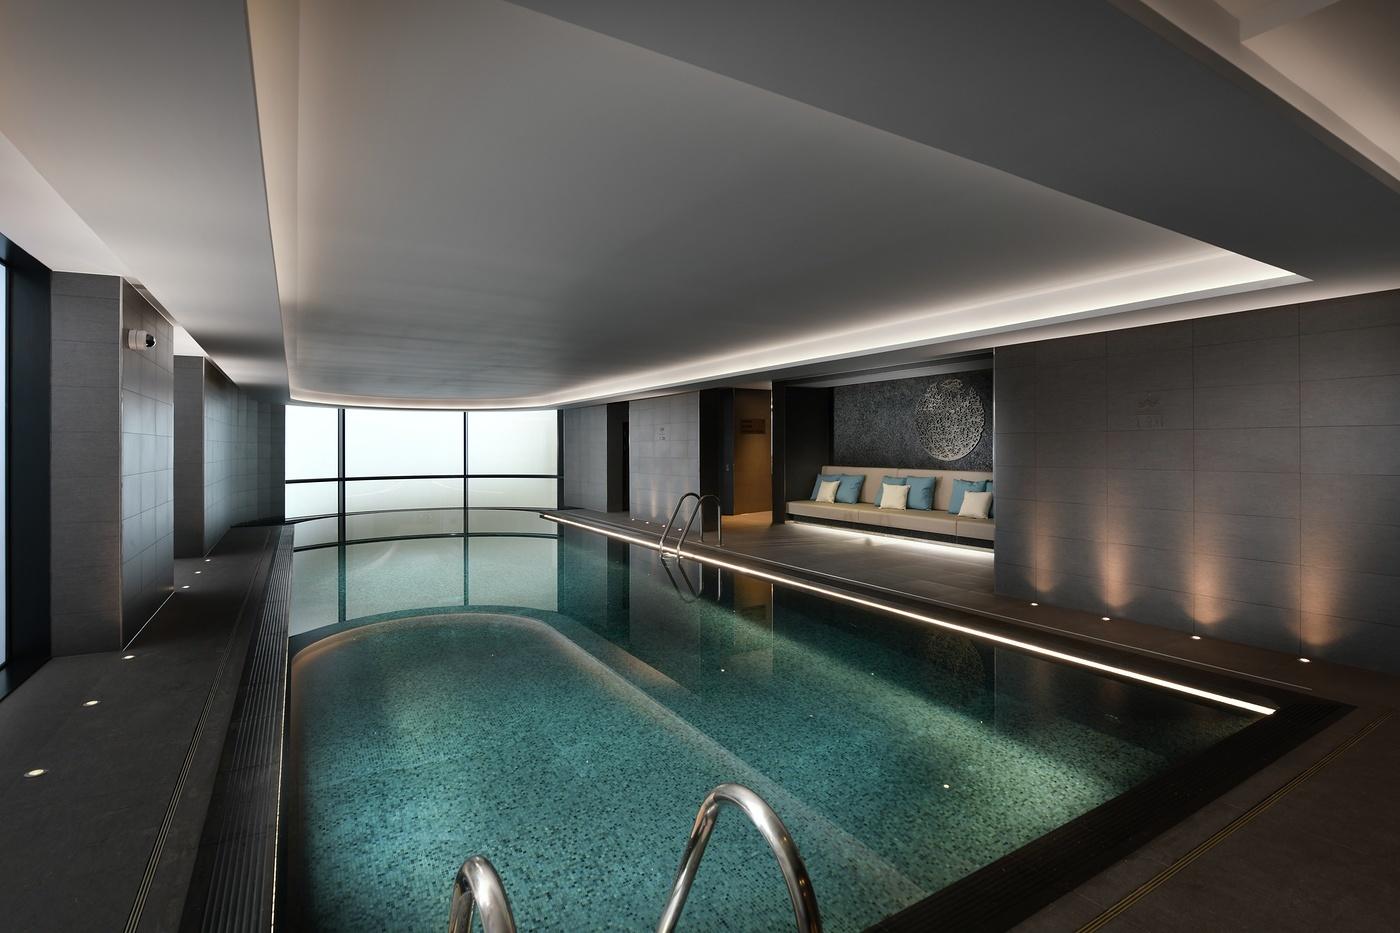 The Corniche,Pool & Sport